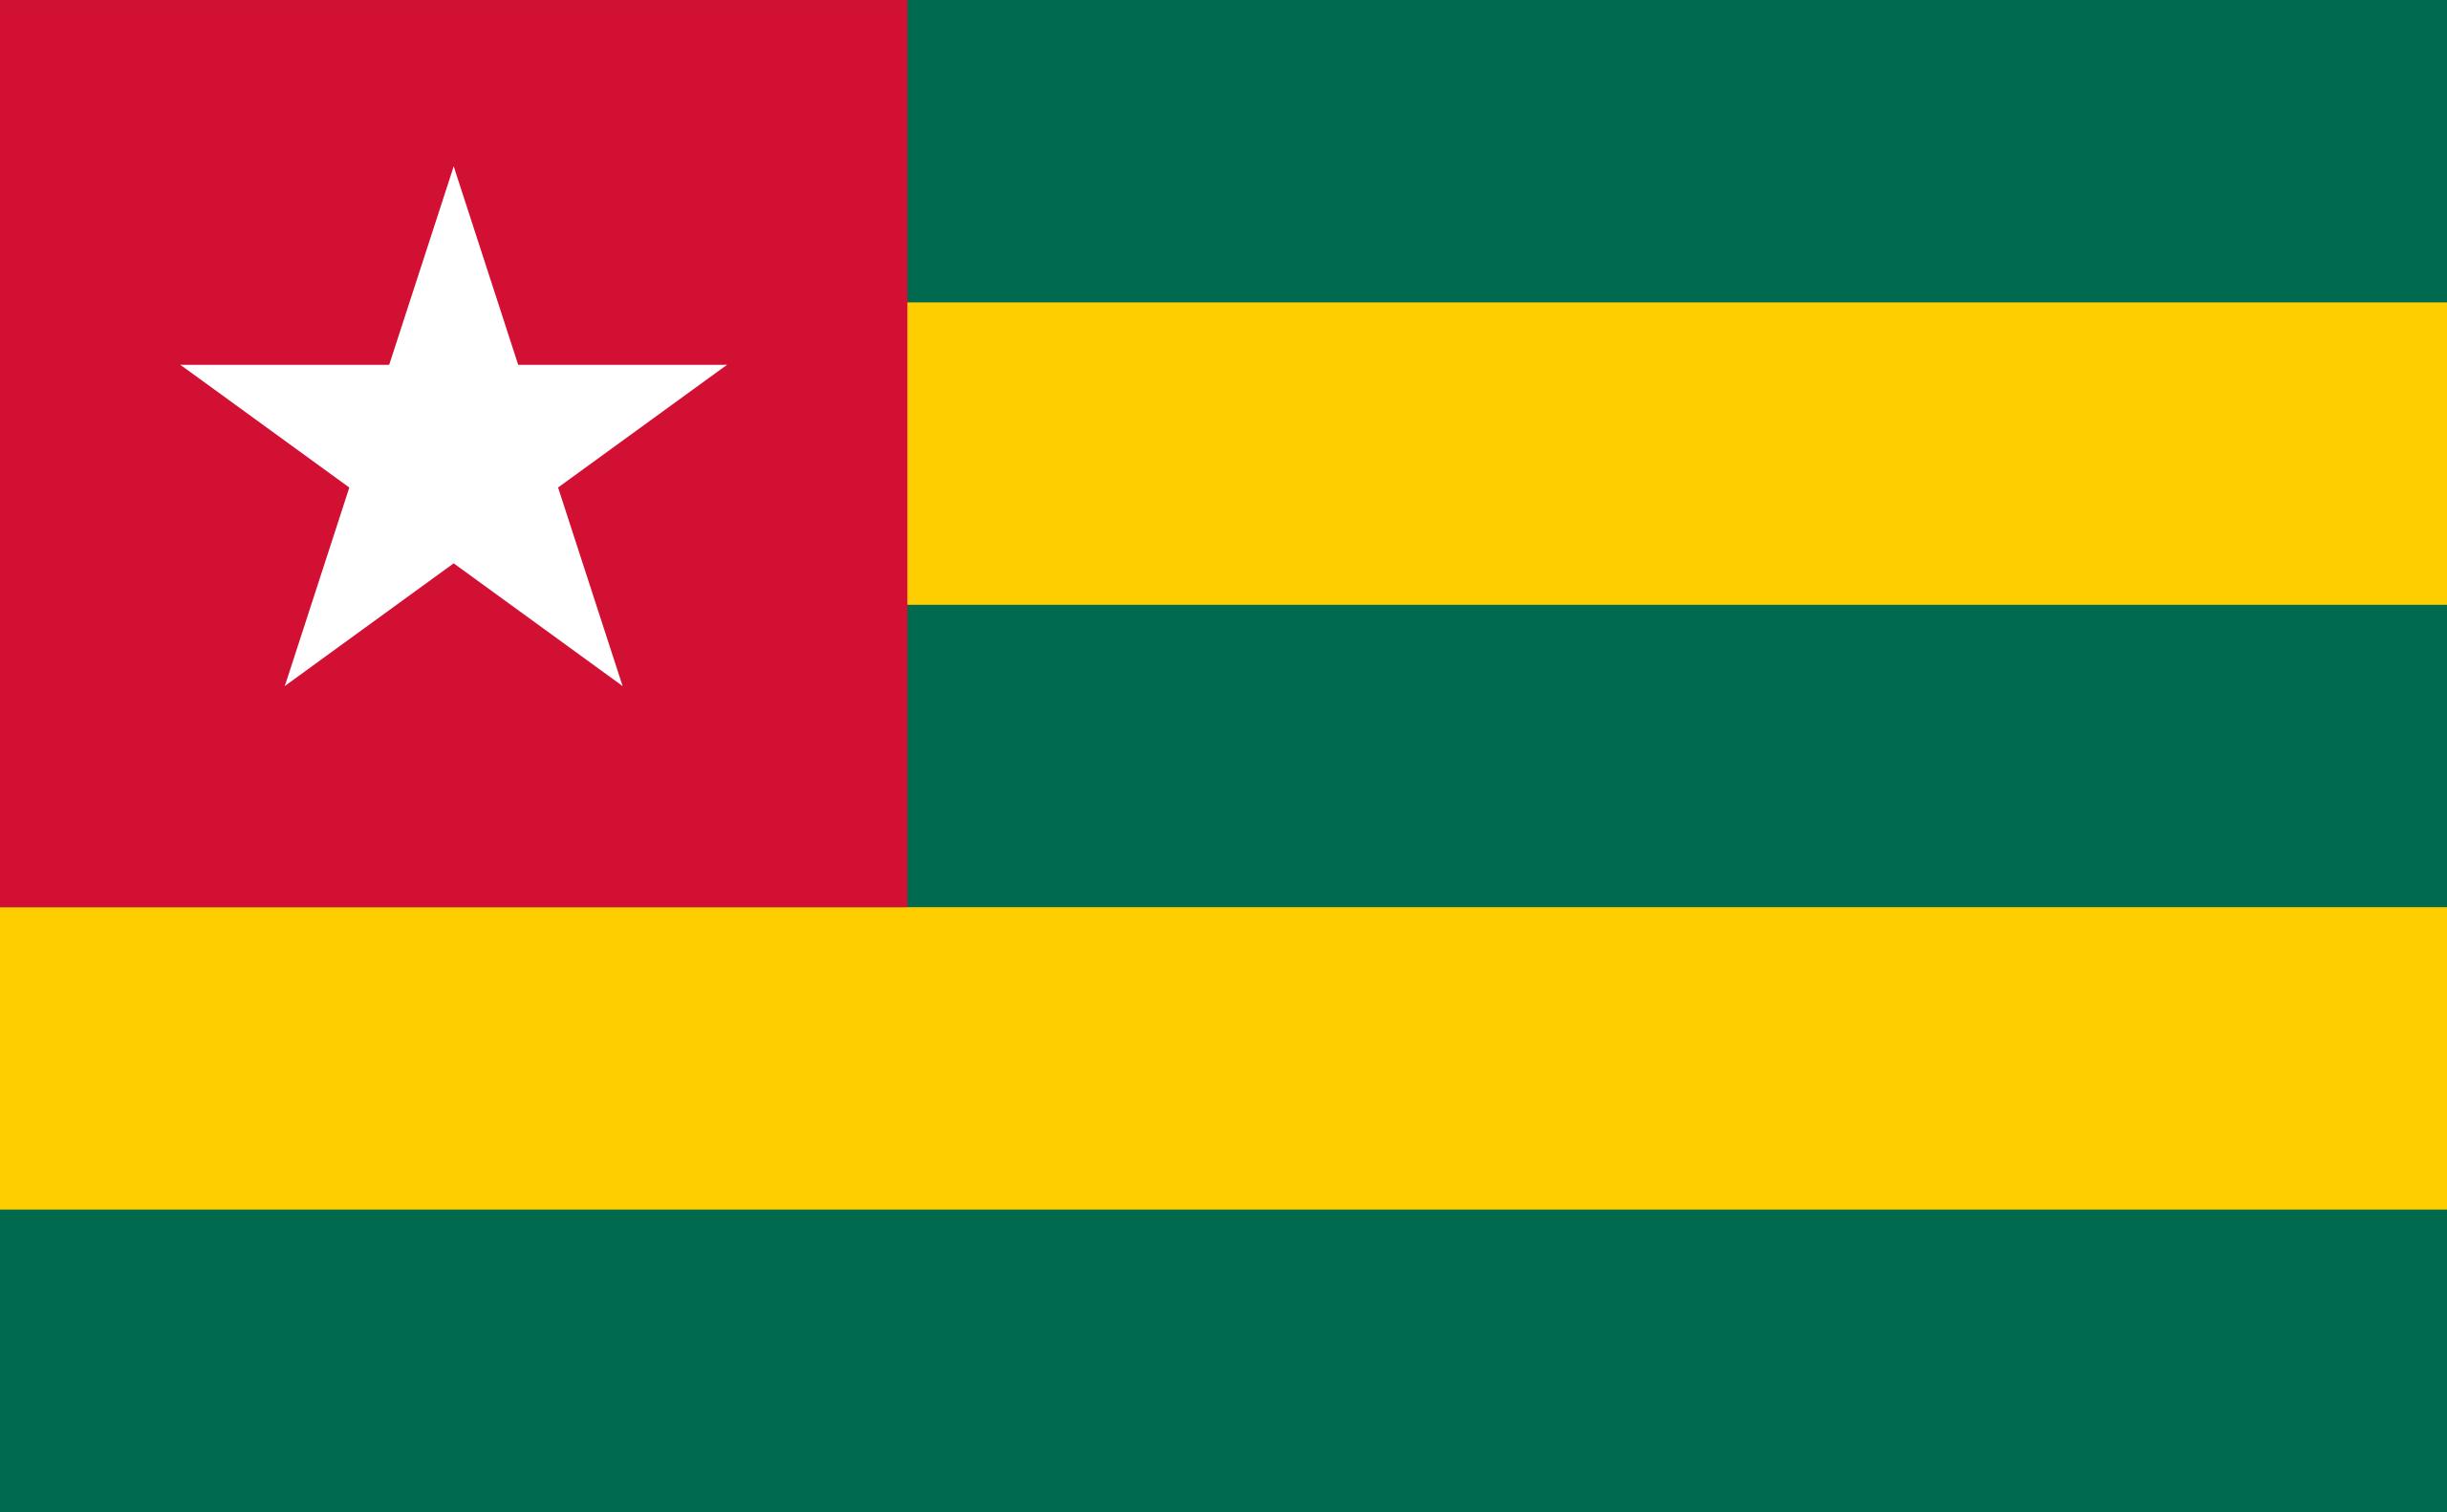 Togo veliava